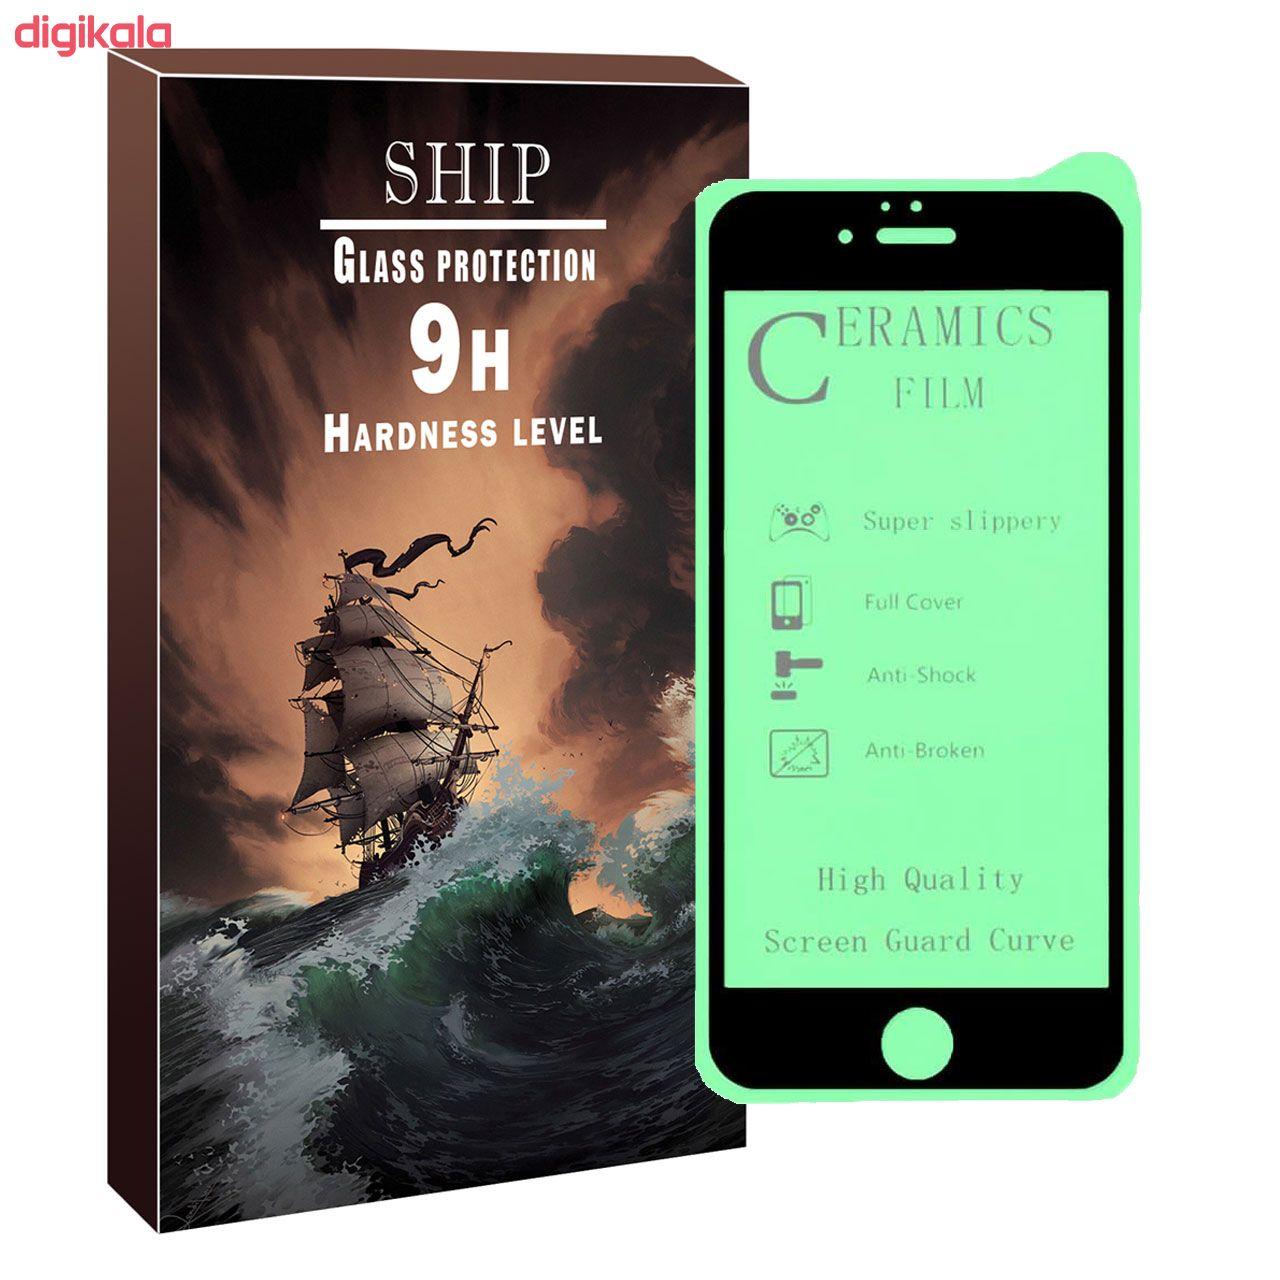 محافظ صفحه نمایش شیپ مدل shcrm-01 مناسب برای گوشی موبایل اپل Iphone 6 Plus / 6s Plus main 1 1